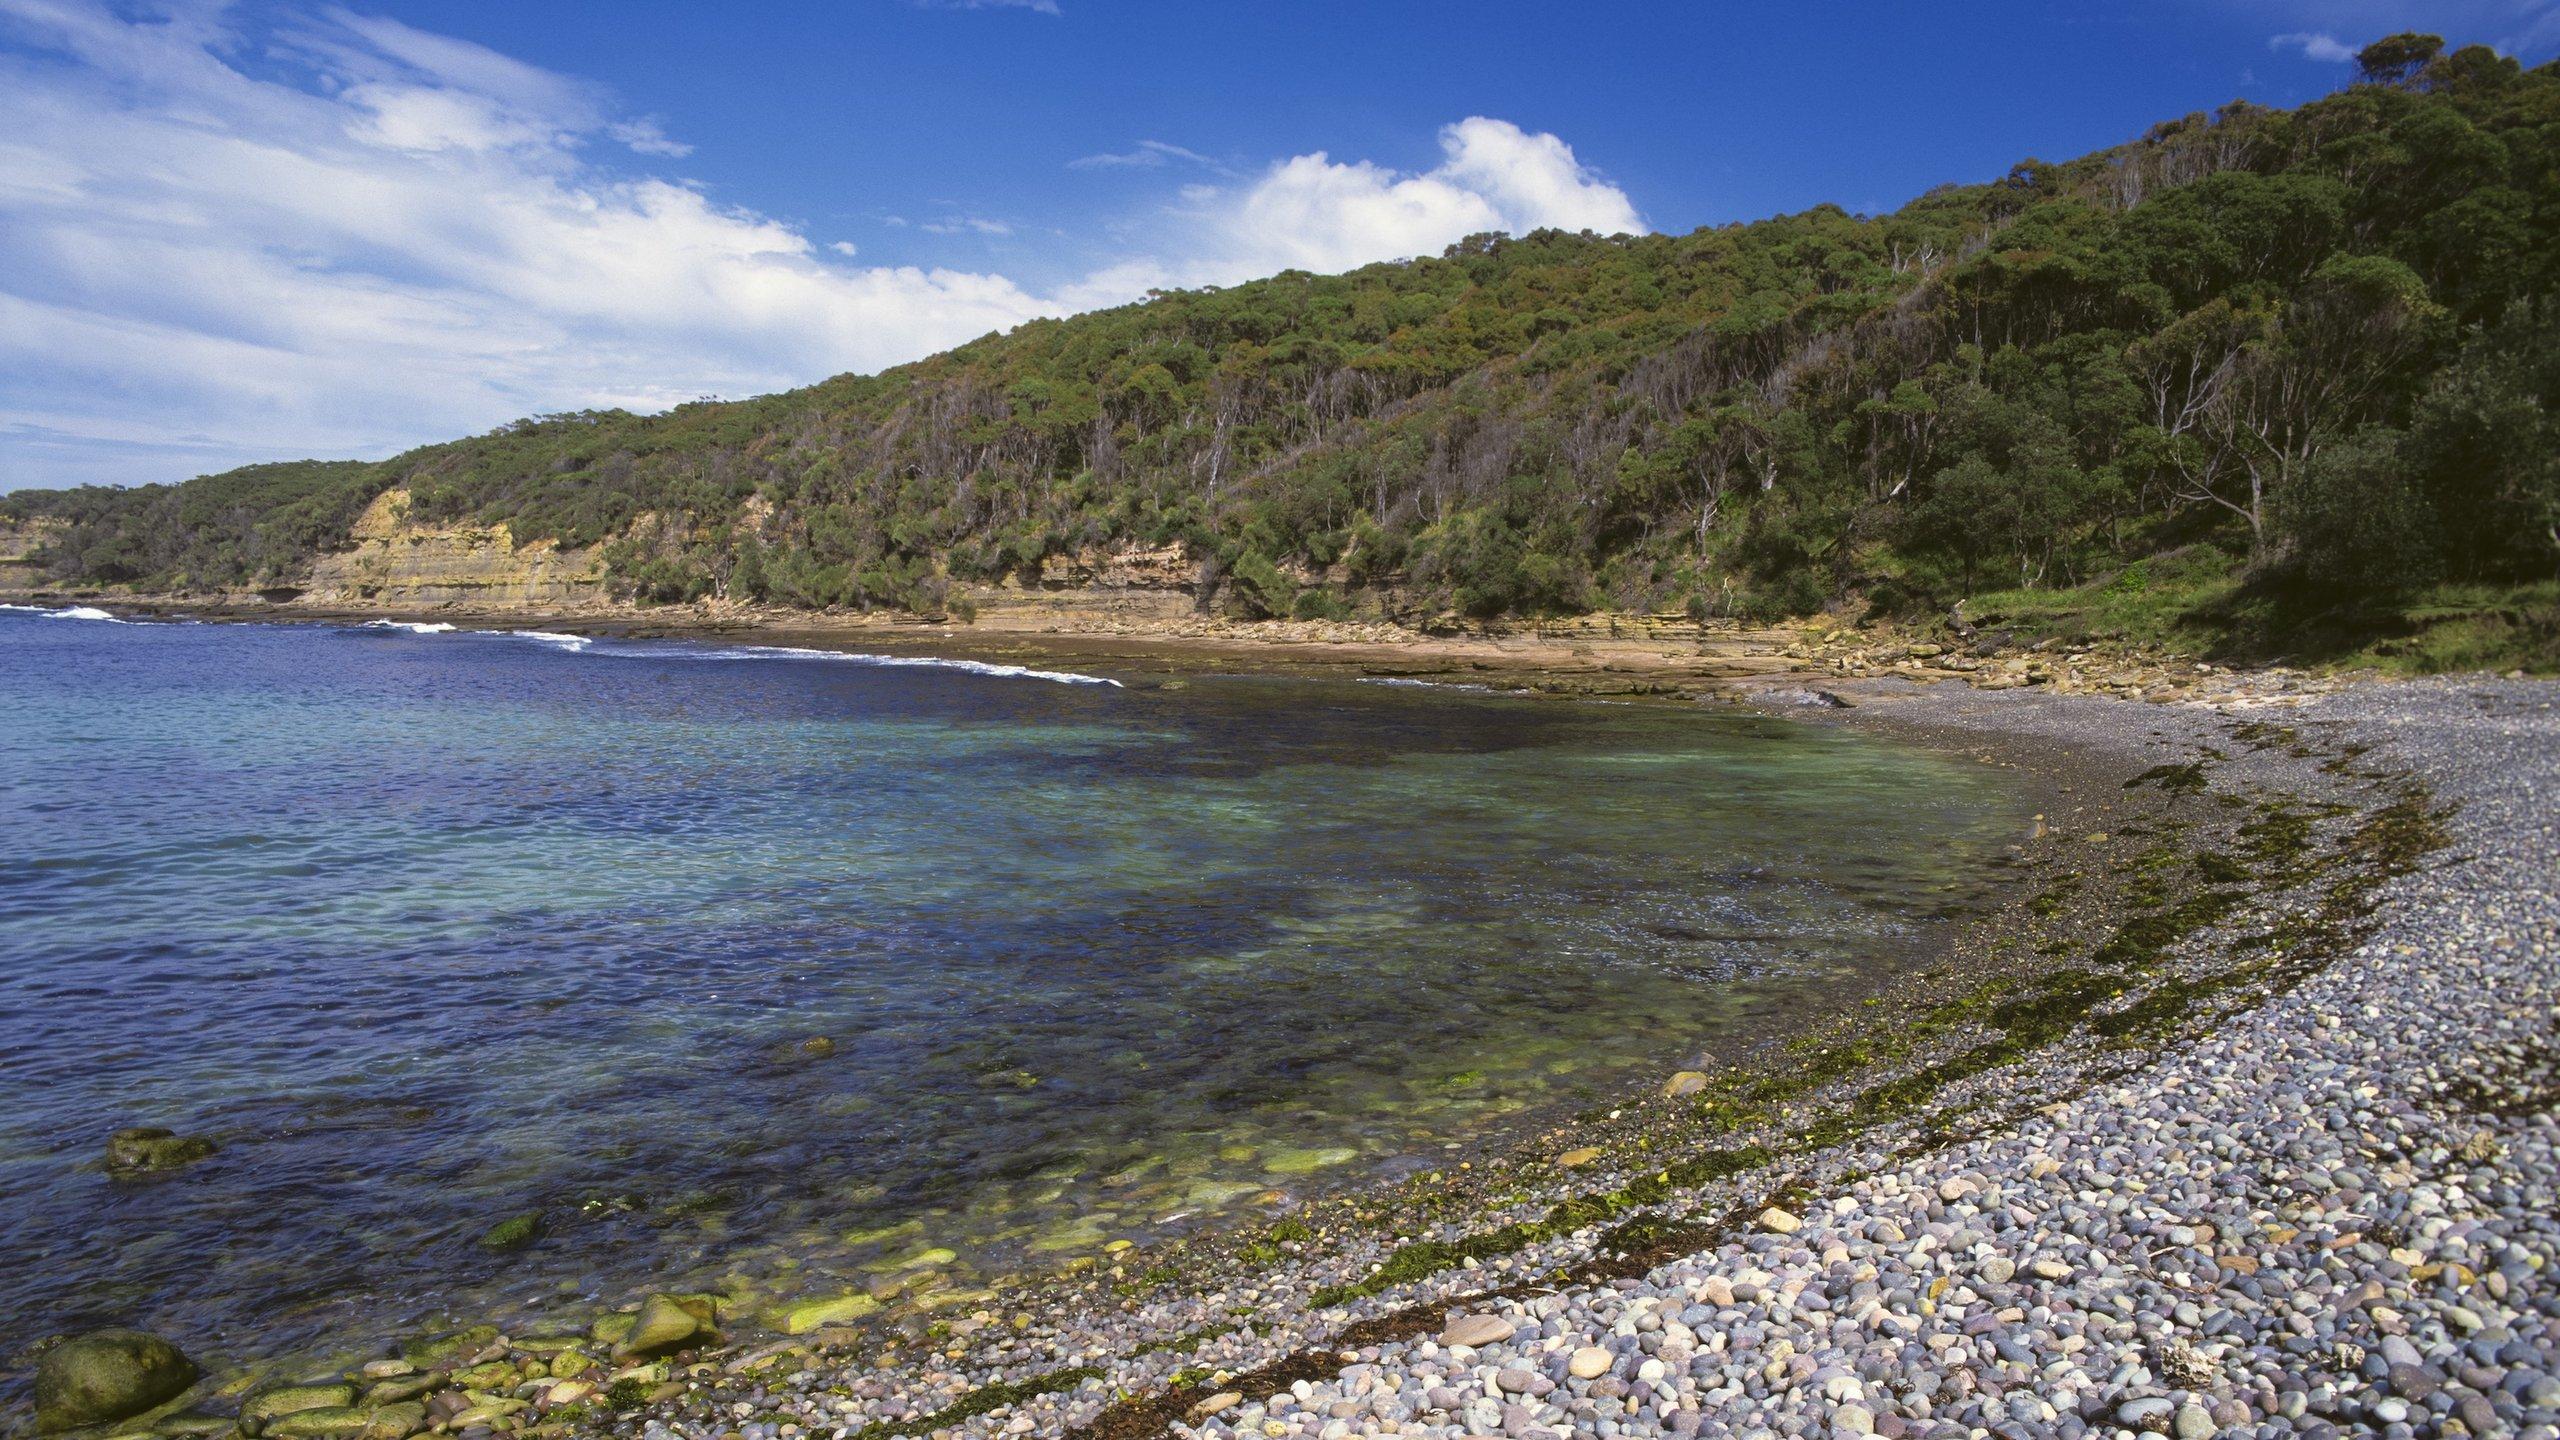 Eurobodalla Shire Council, New South Wales, Australia